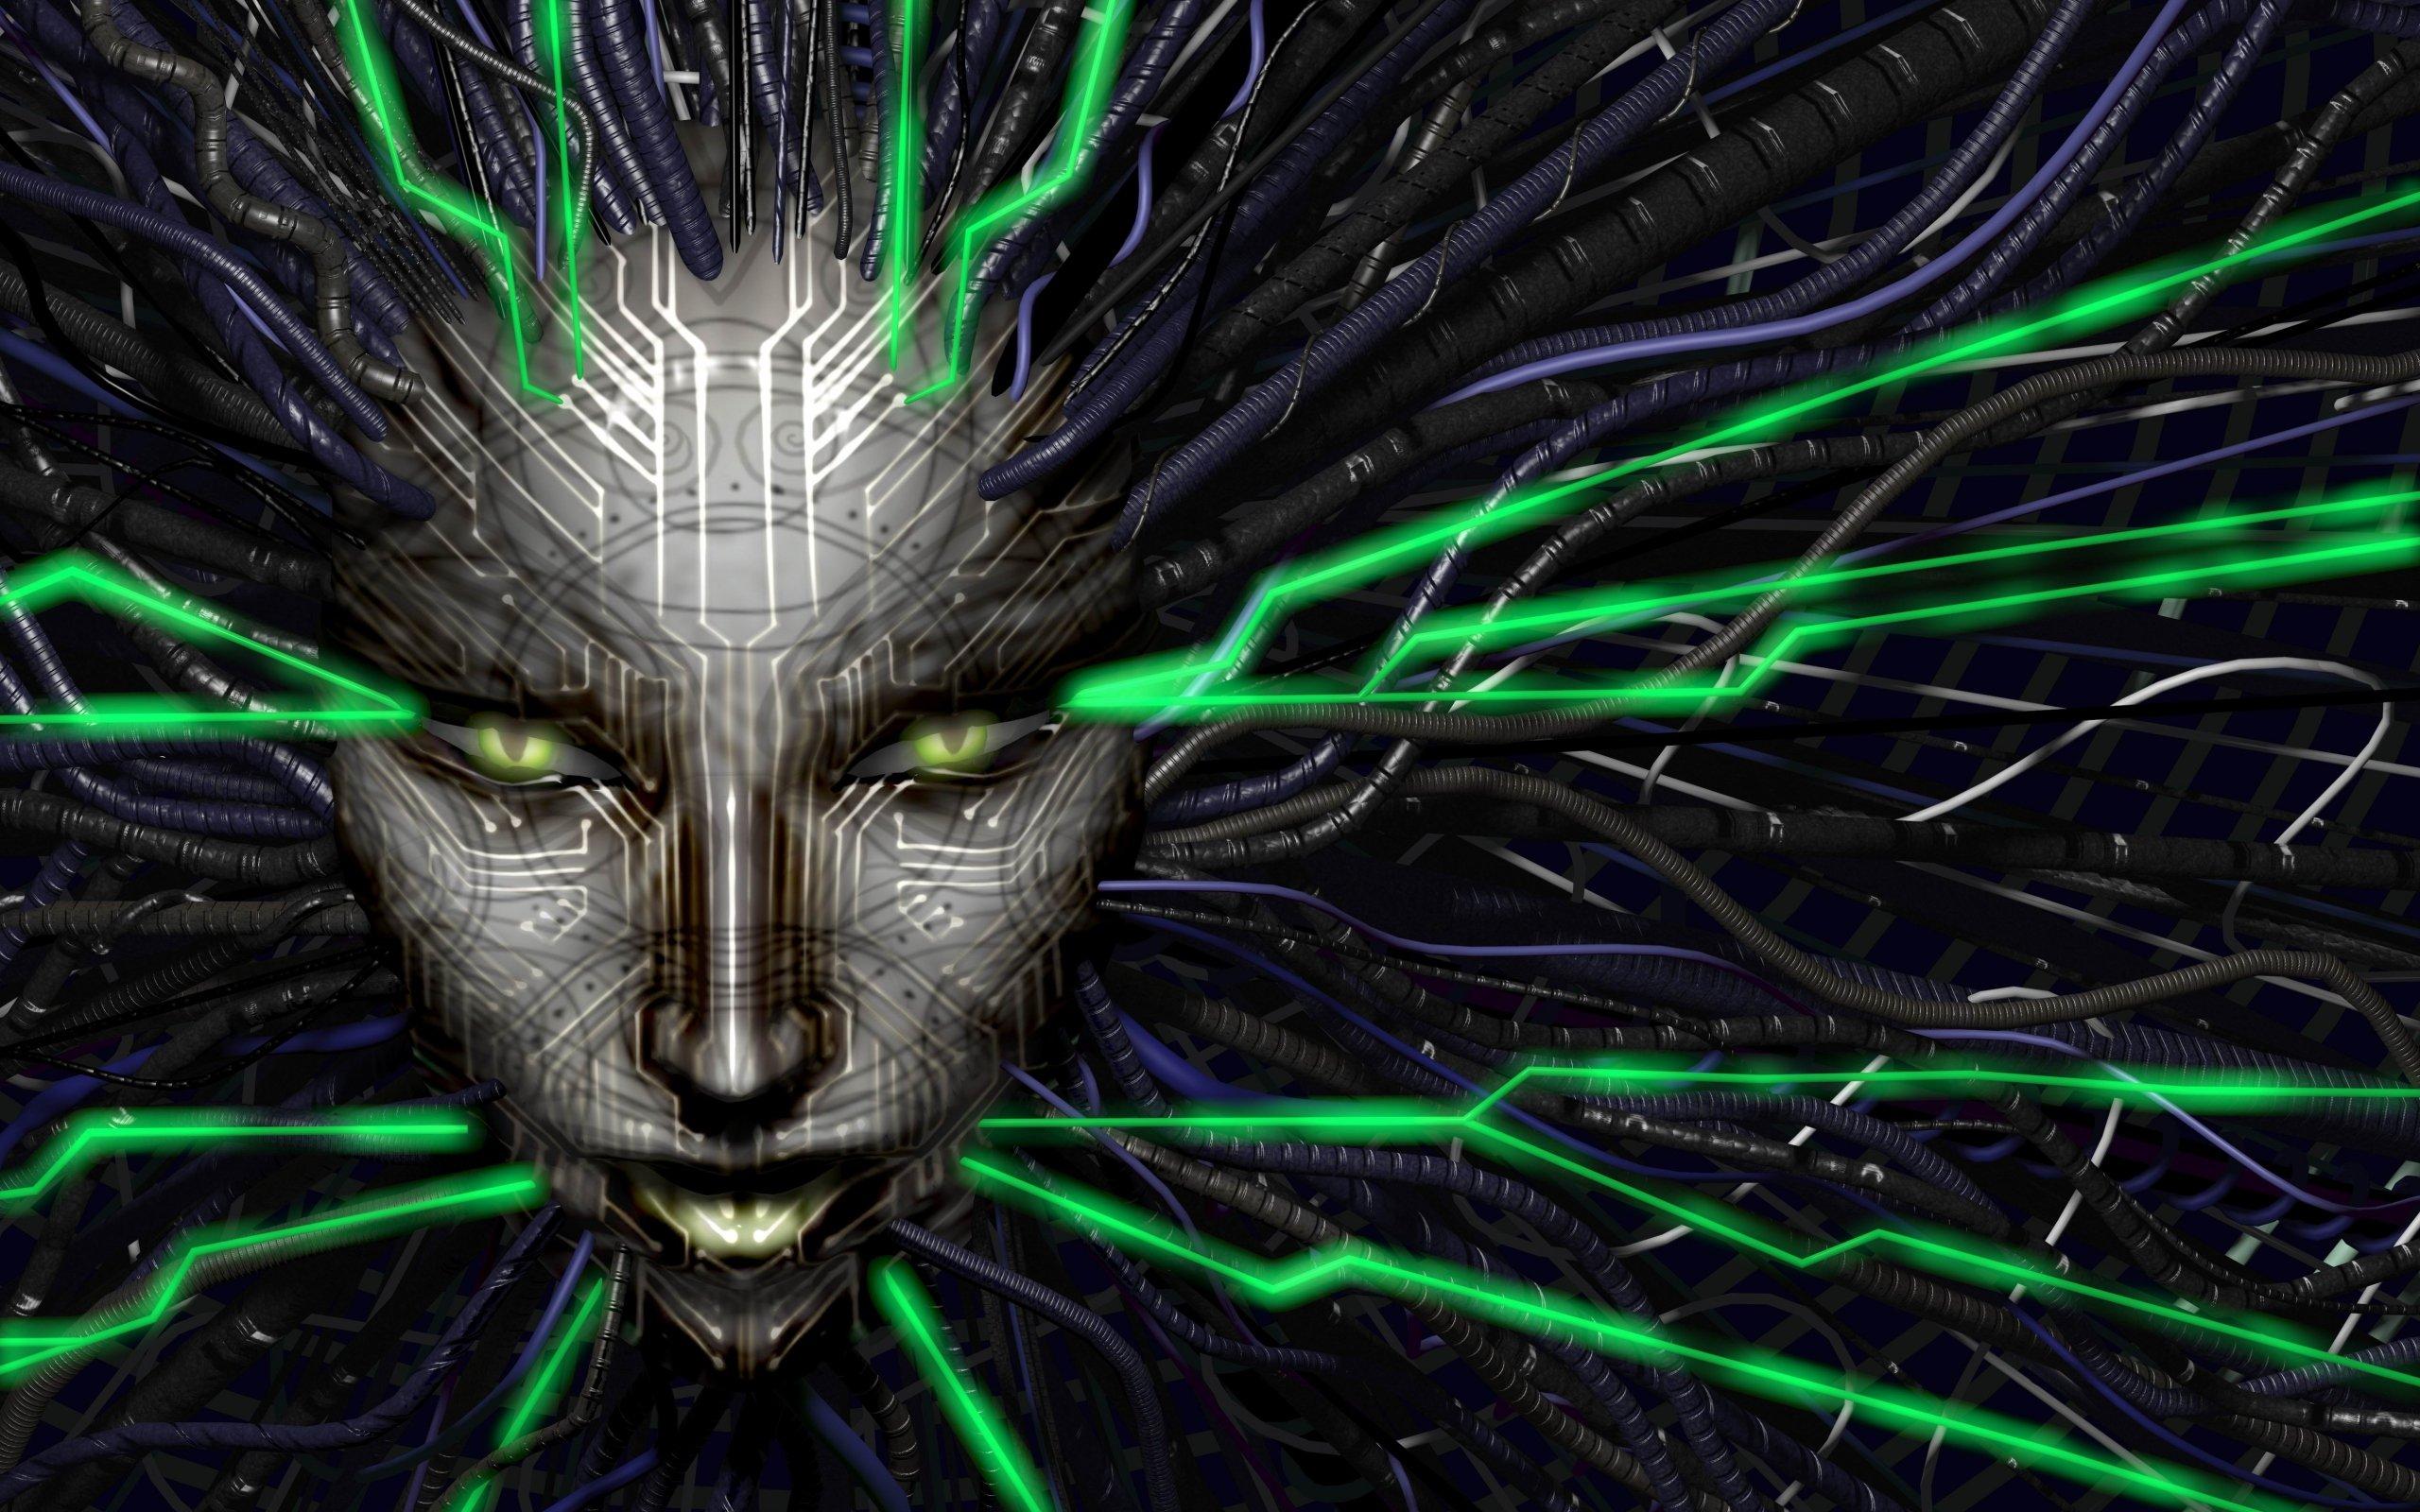 Ребзя, кто так давно хотел приобщиться к System Shock 2 - прямо сейчас в #Steam продается со скидкой 75% за 62 pуб. ... - Изображение 1